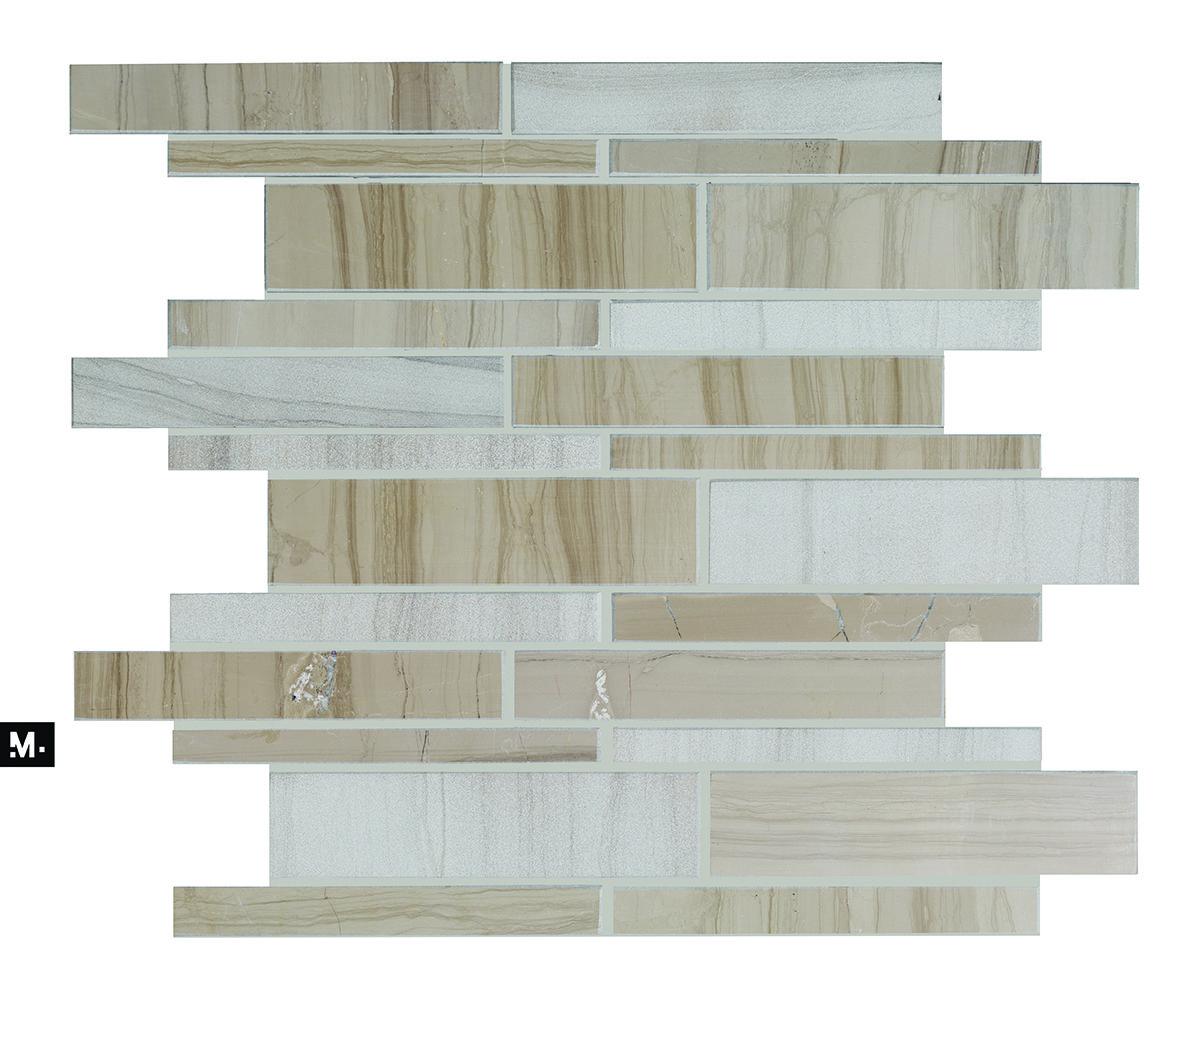 Mudtile Floor Or Wall Mosaic Tile Pattern Name Runway Color